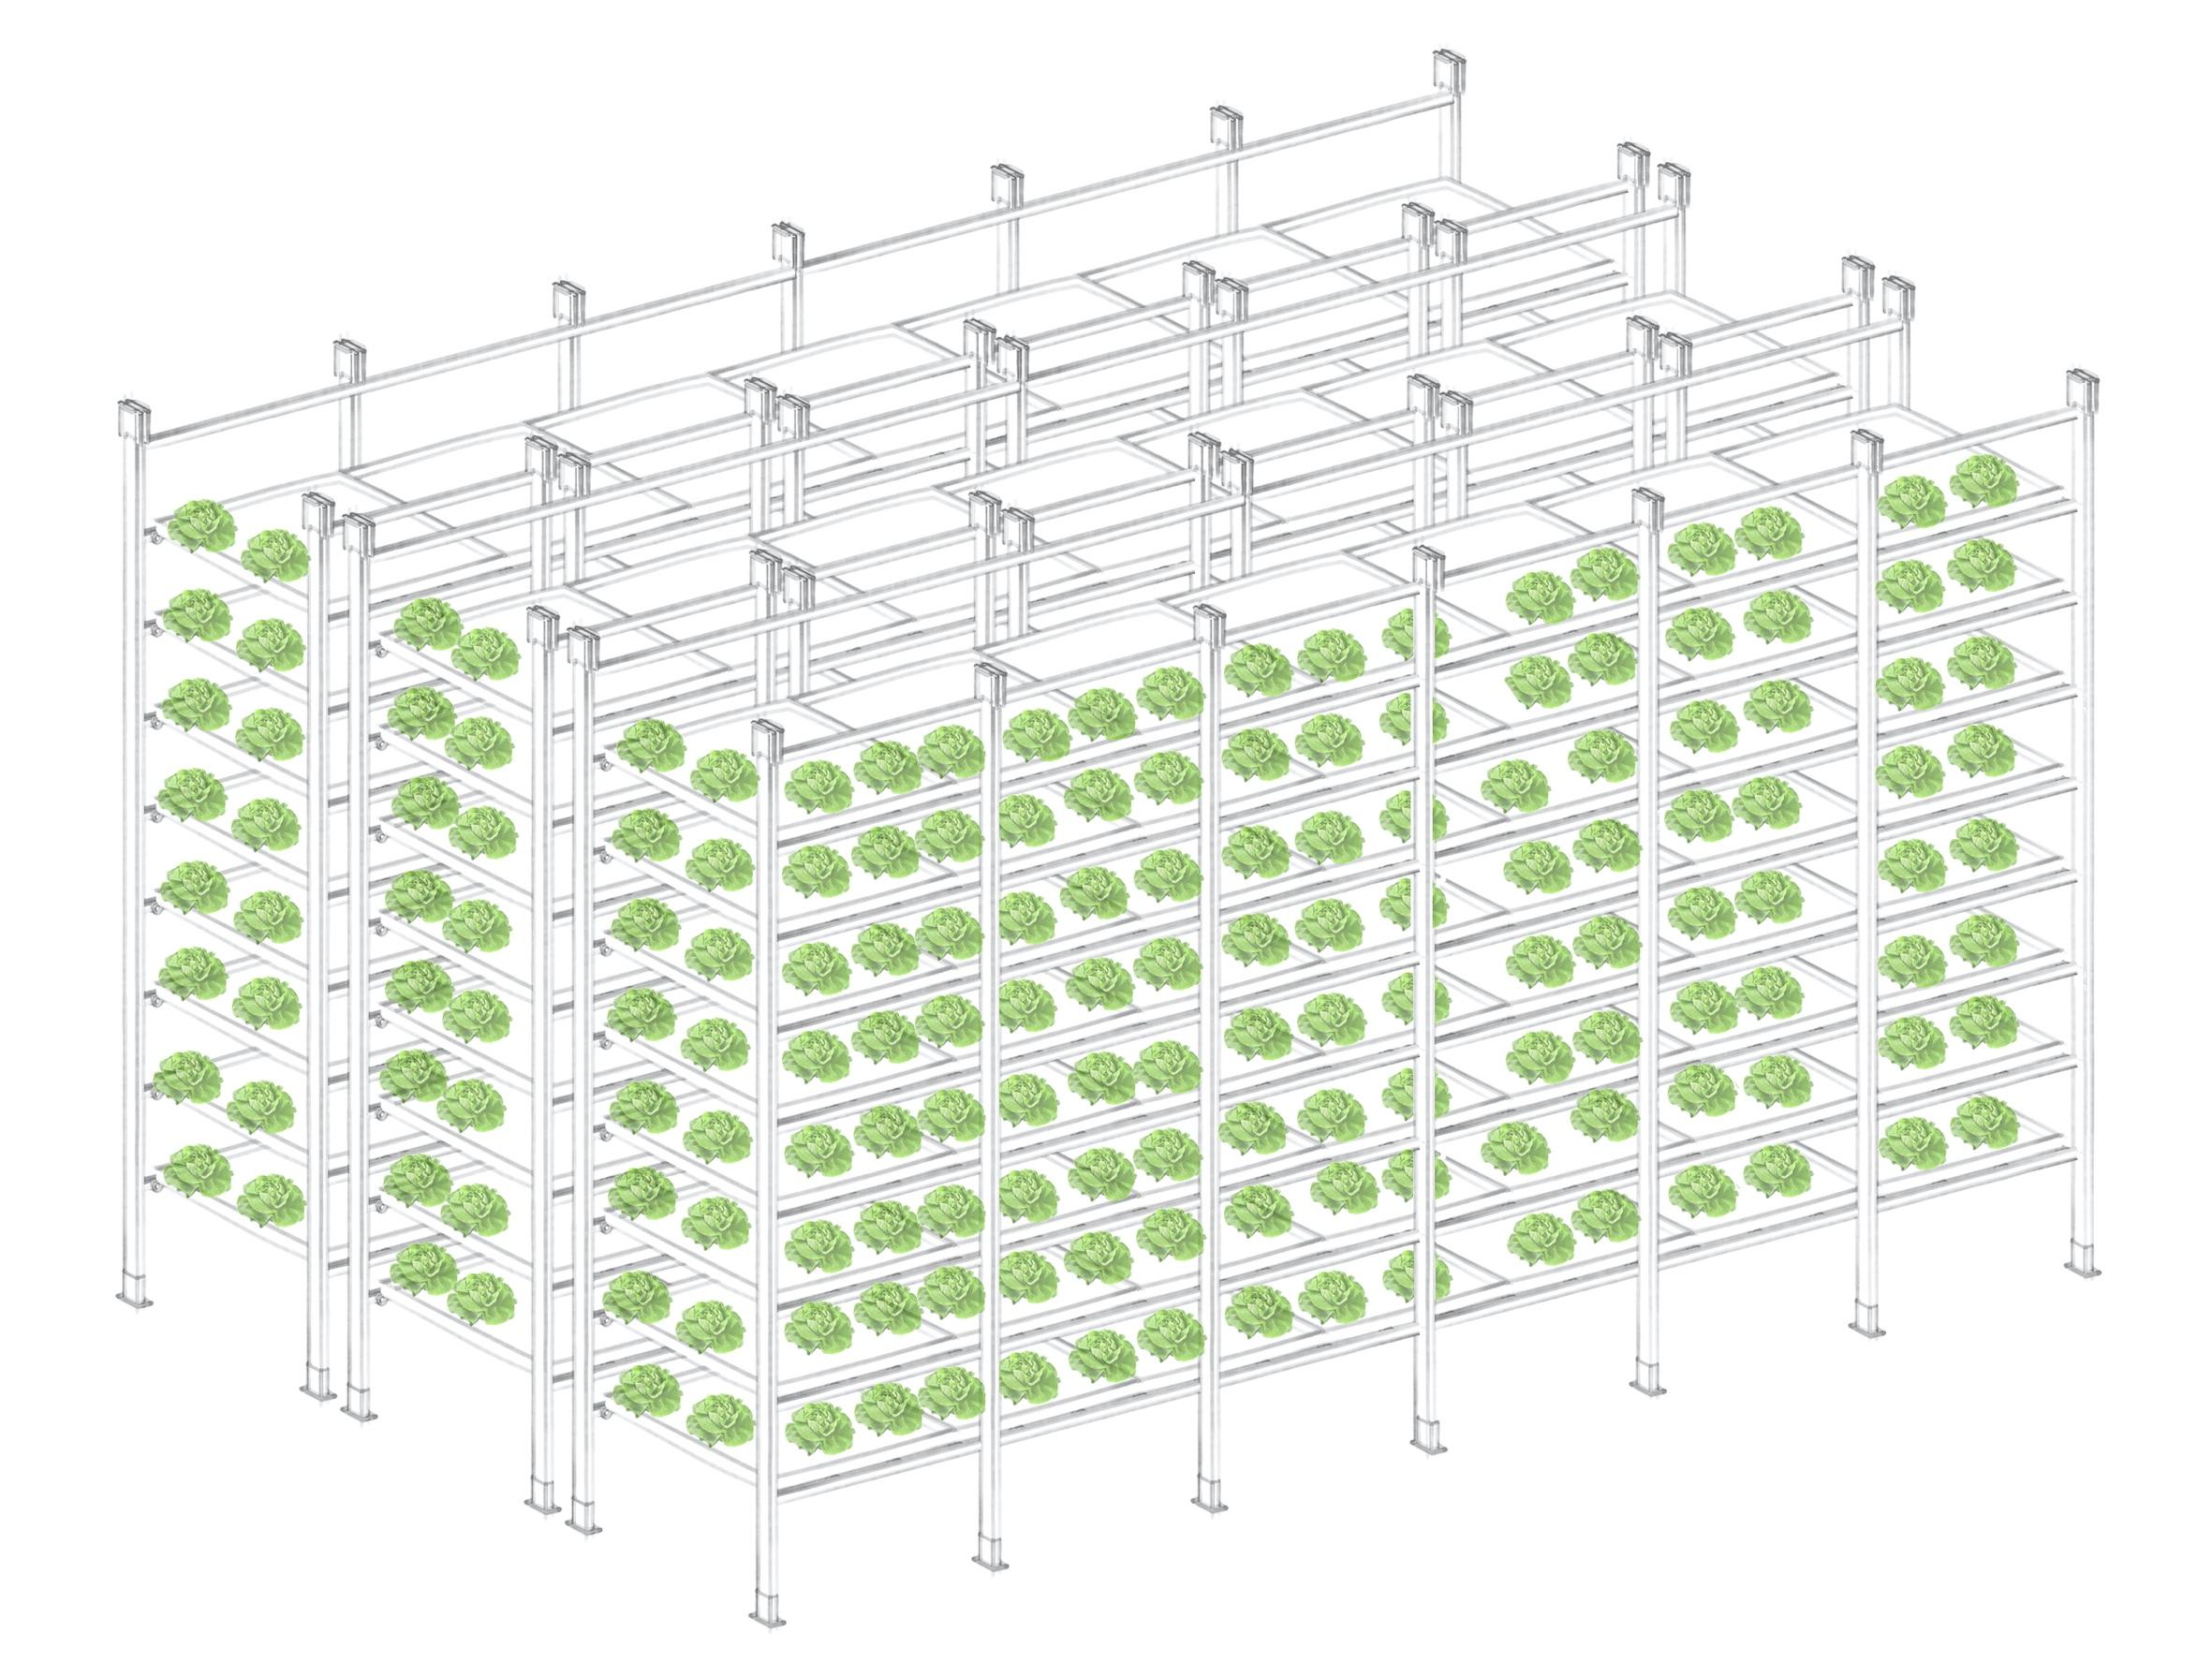 VERTICAL-FARM-3D-3